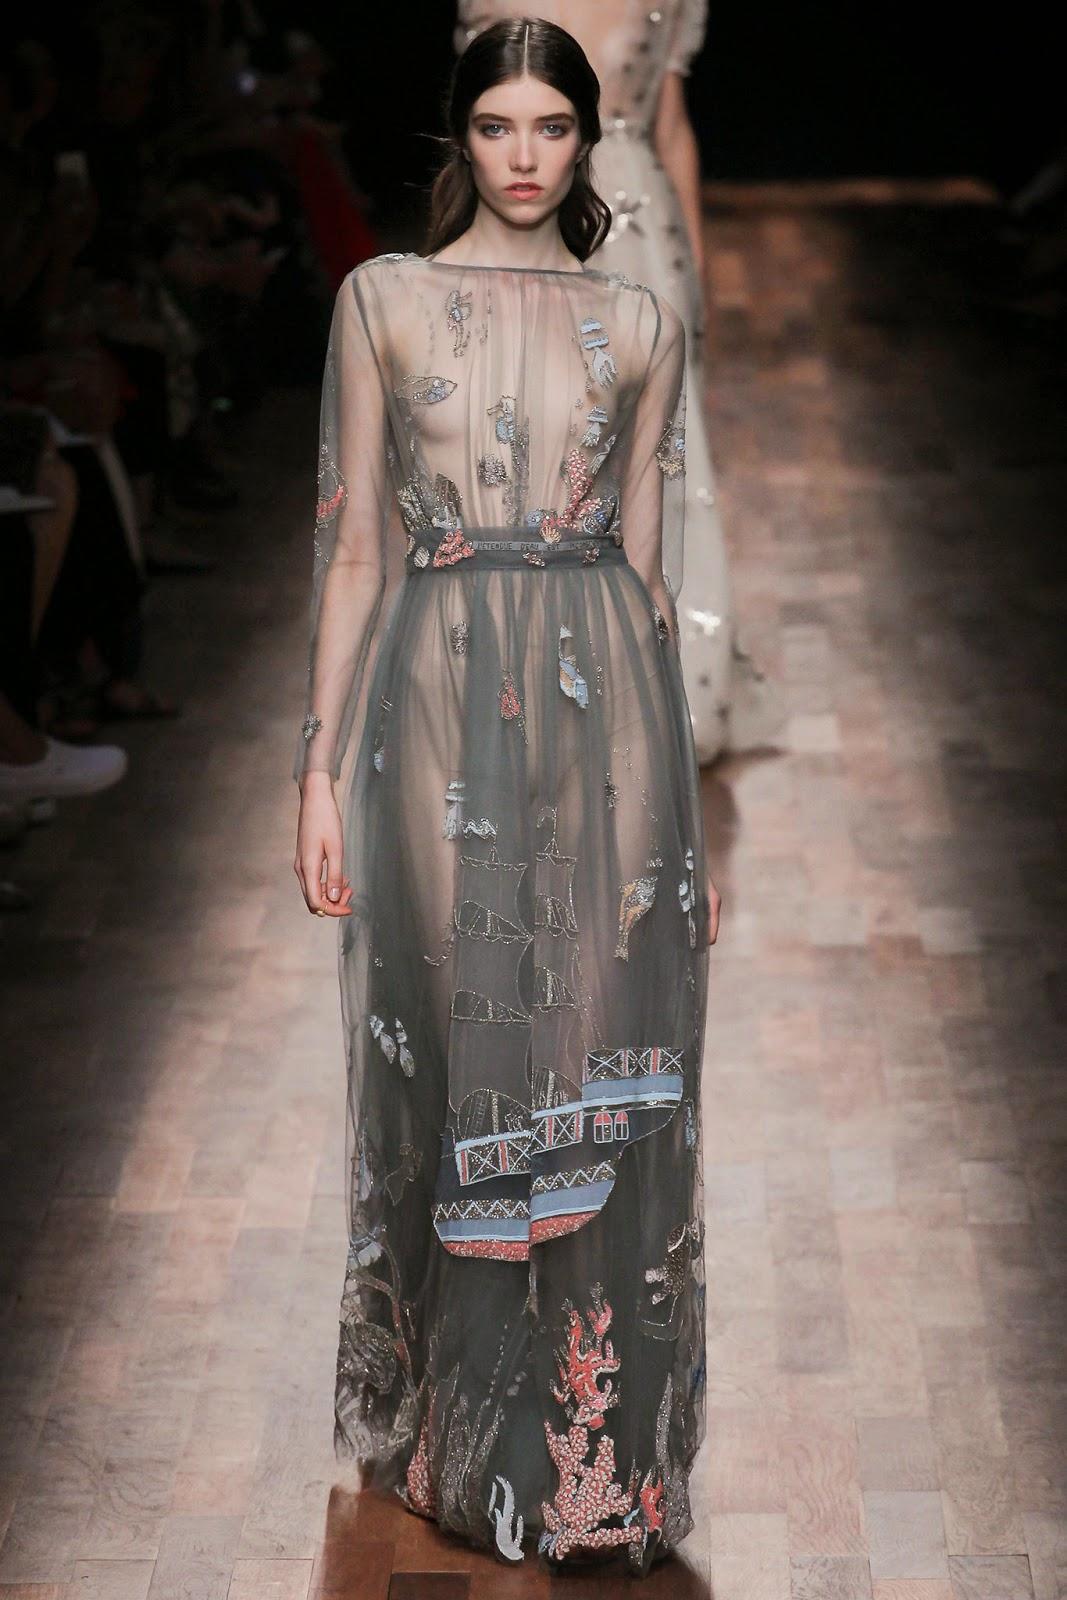 97 Valentino 2015 samling, våren sommaren 2016 Valentino klänning modeller, Valentino kväll klänning nya säsongen kvinnors kjolar modeller